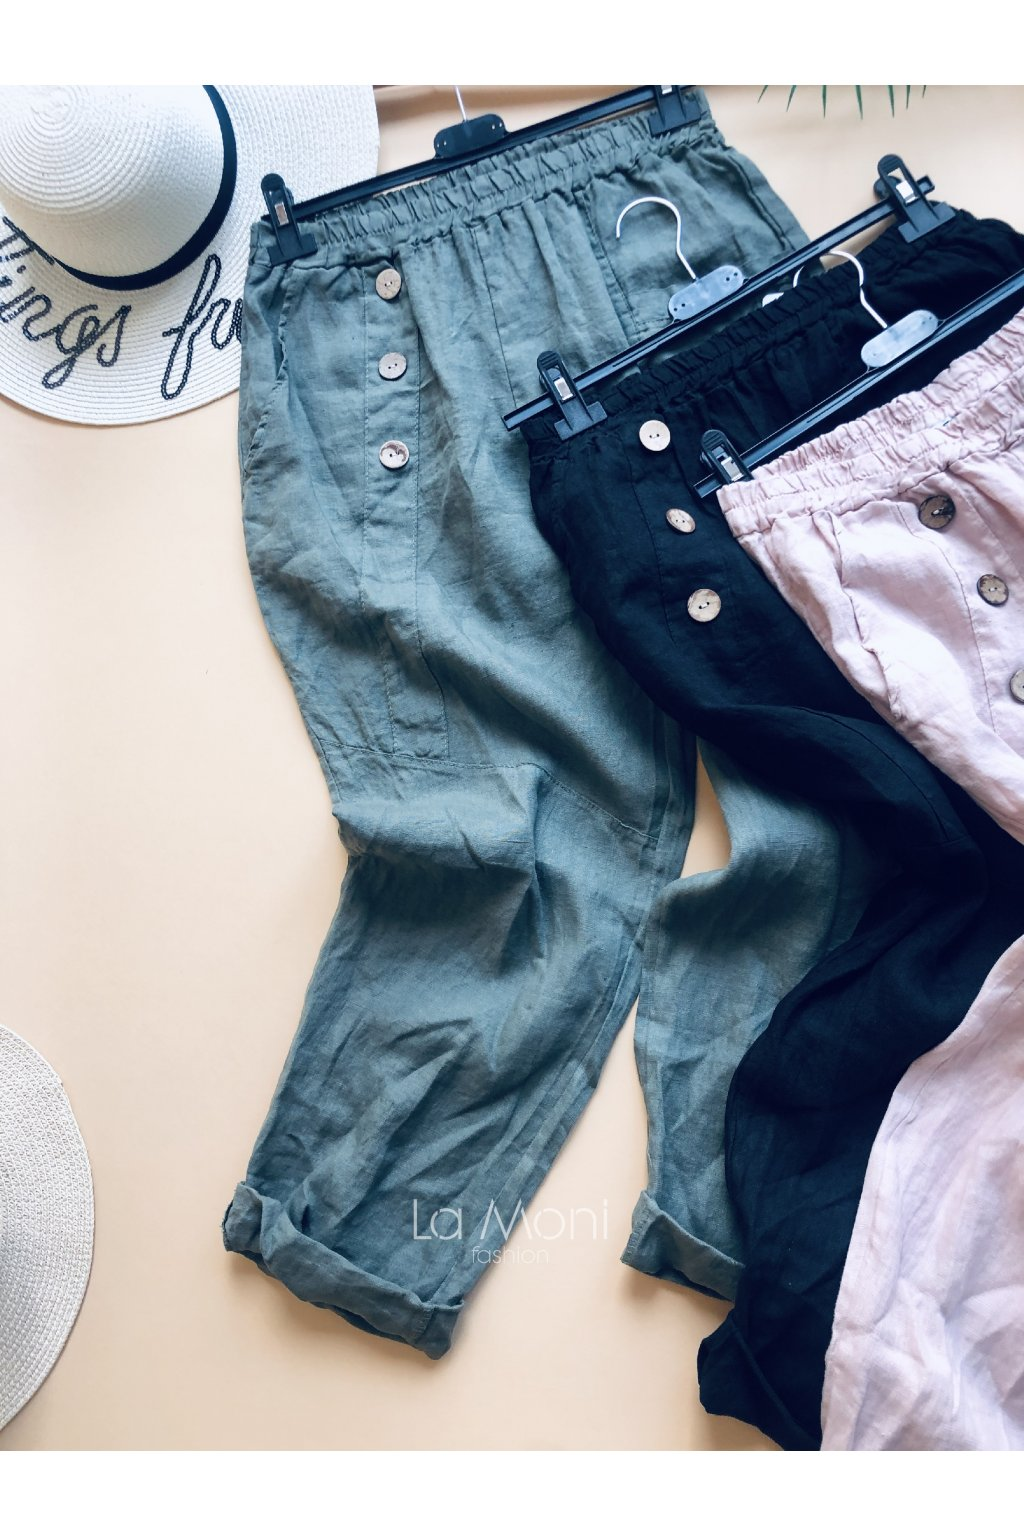 Lněné pohodlné kalhoty- větší velikost   L/XL